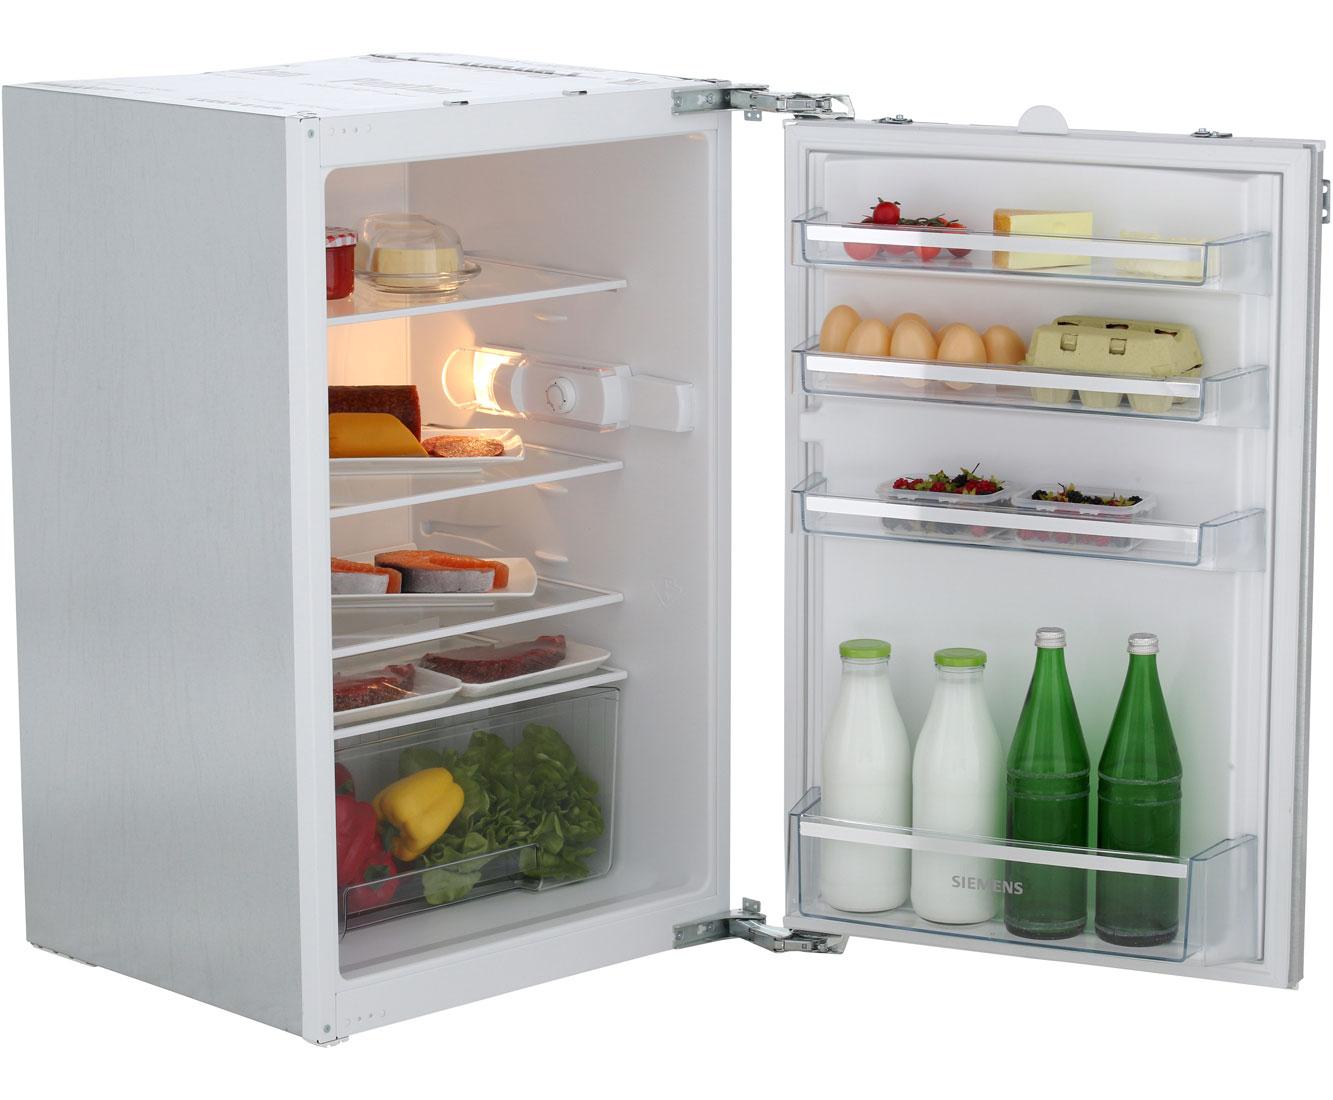 Siemens Kühlschrank Problem : Siemens iq ki rv einbau kühlschrank er nische festtür